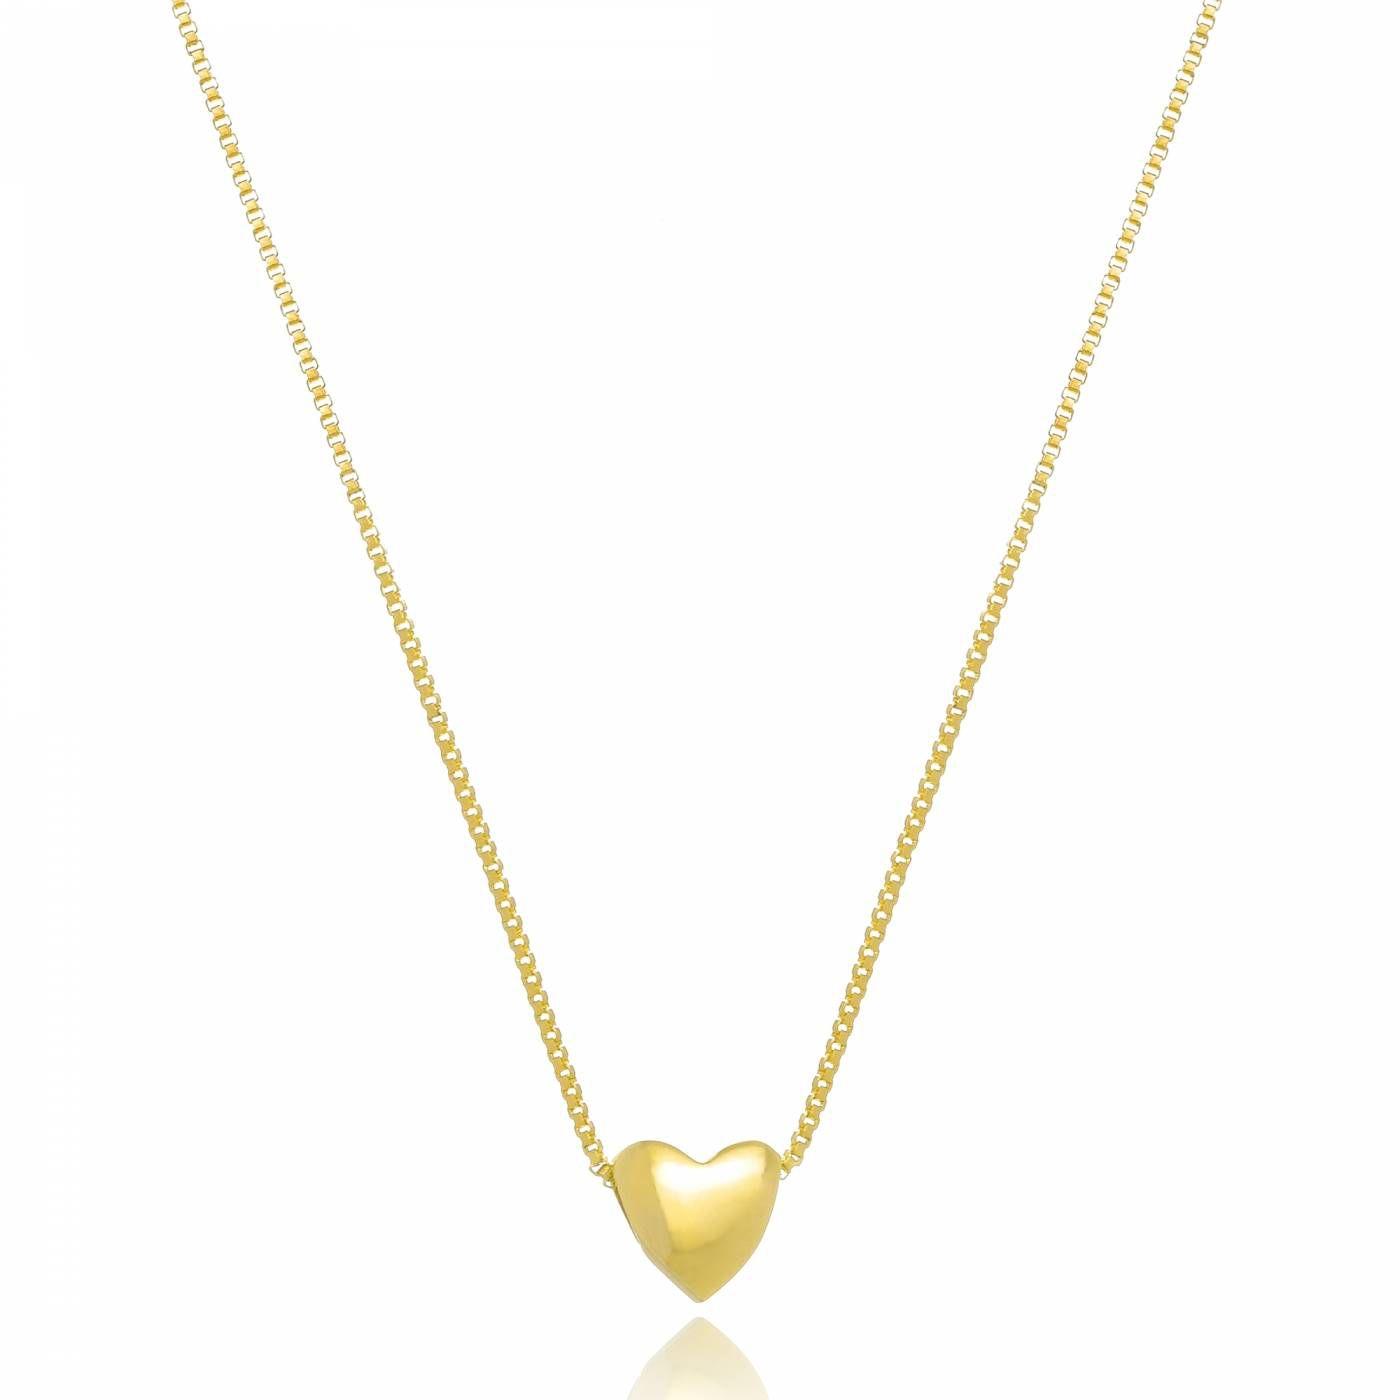 Colar Mini Coração Folheado a Ouro 18K